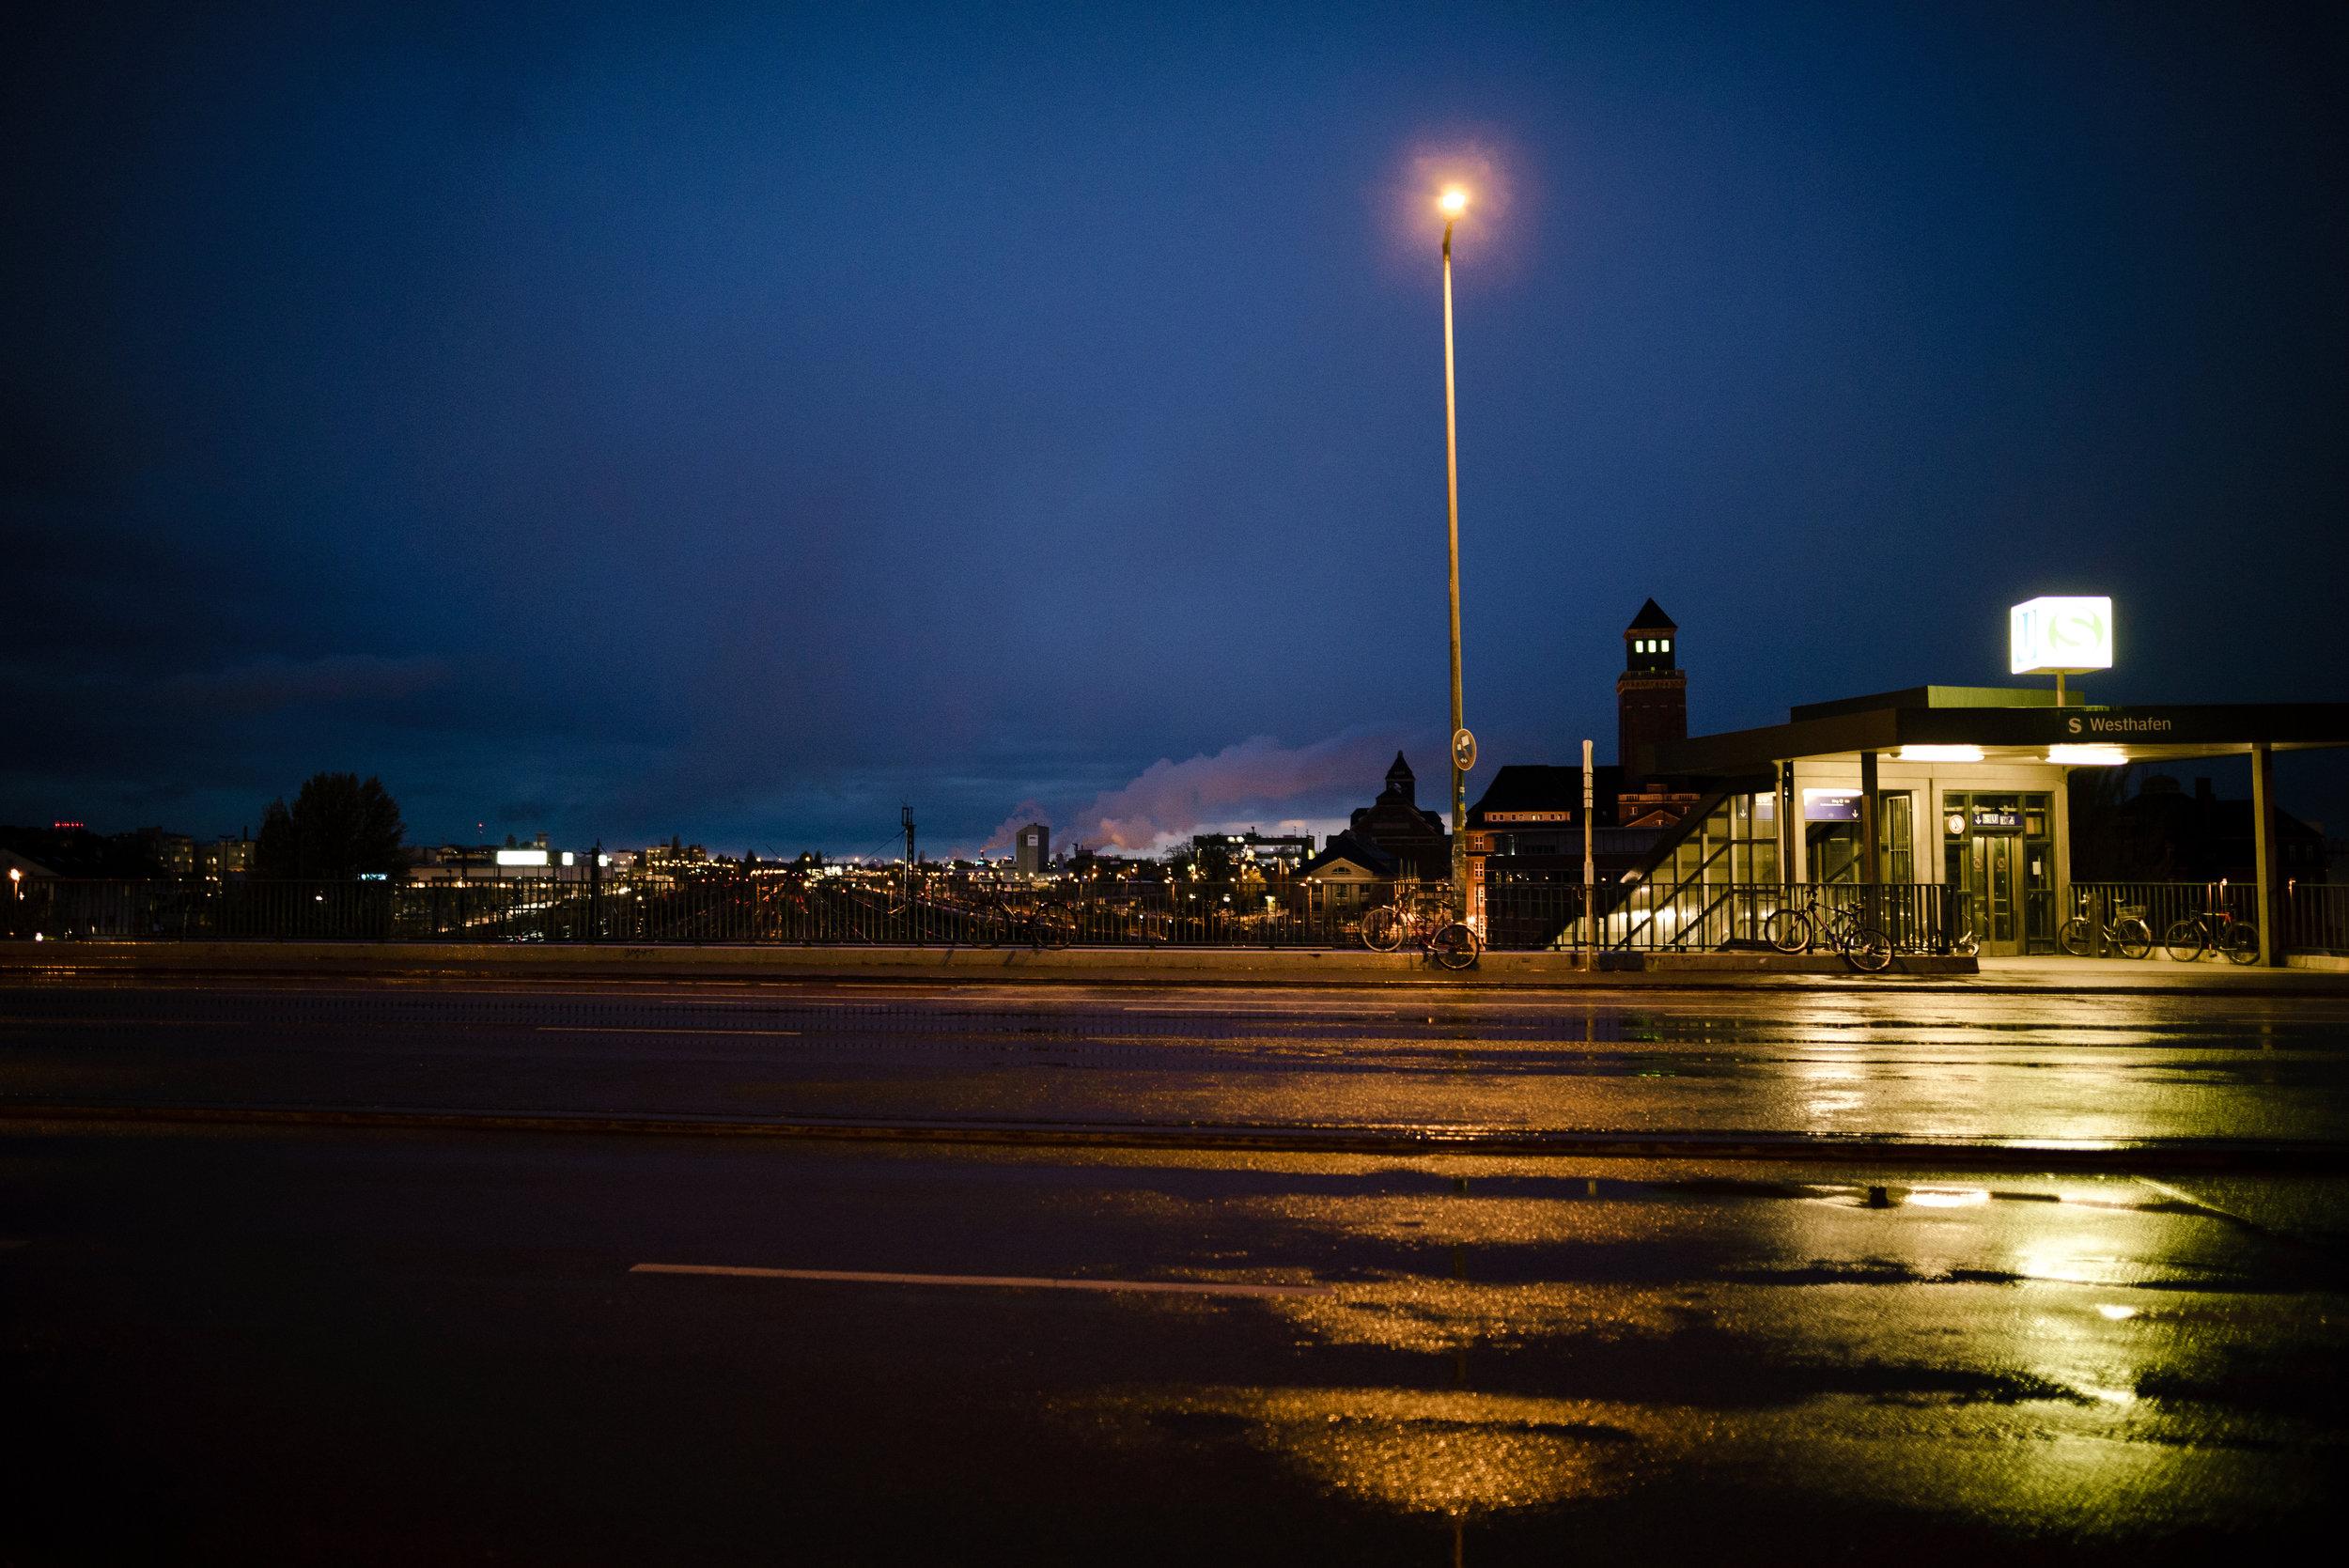 s-bhf westhafen.